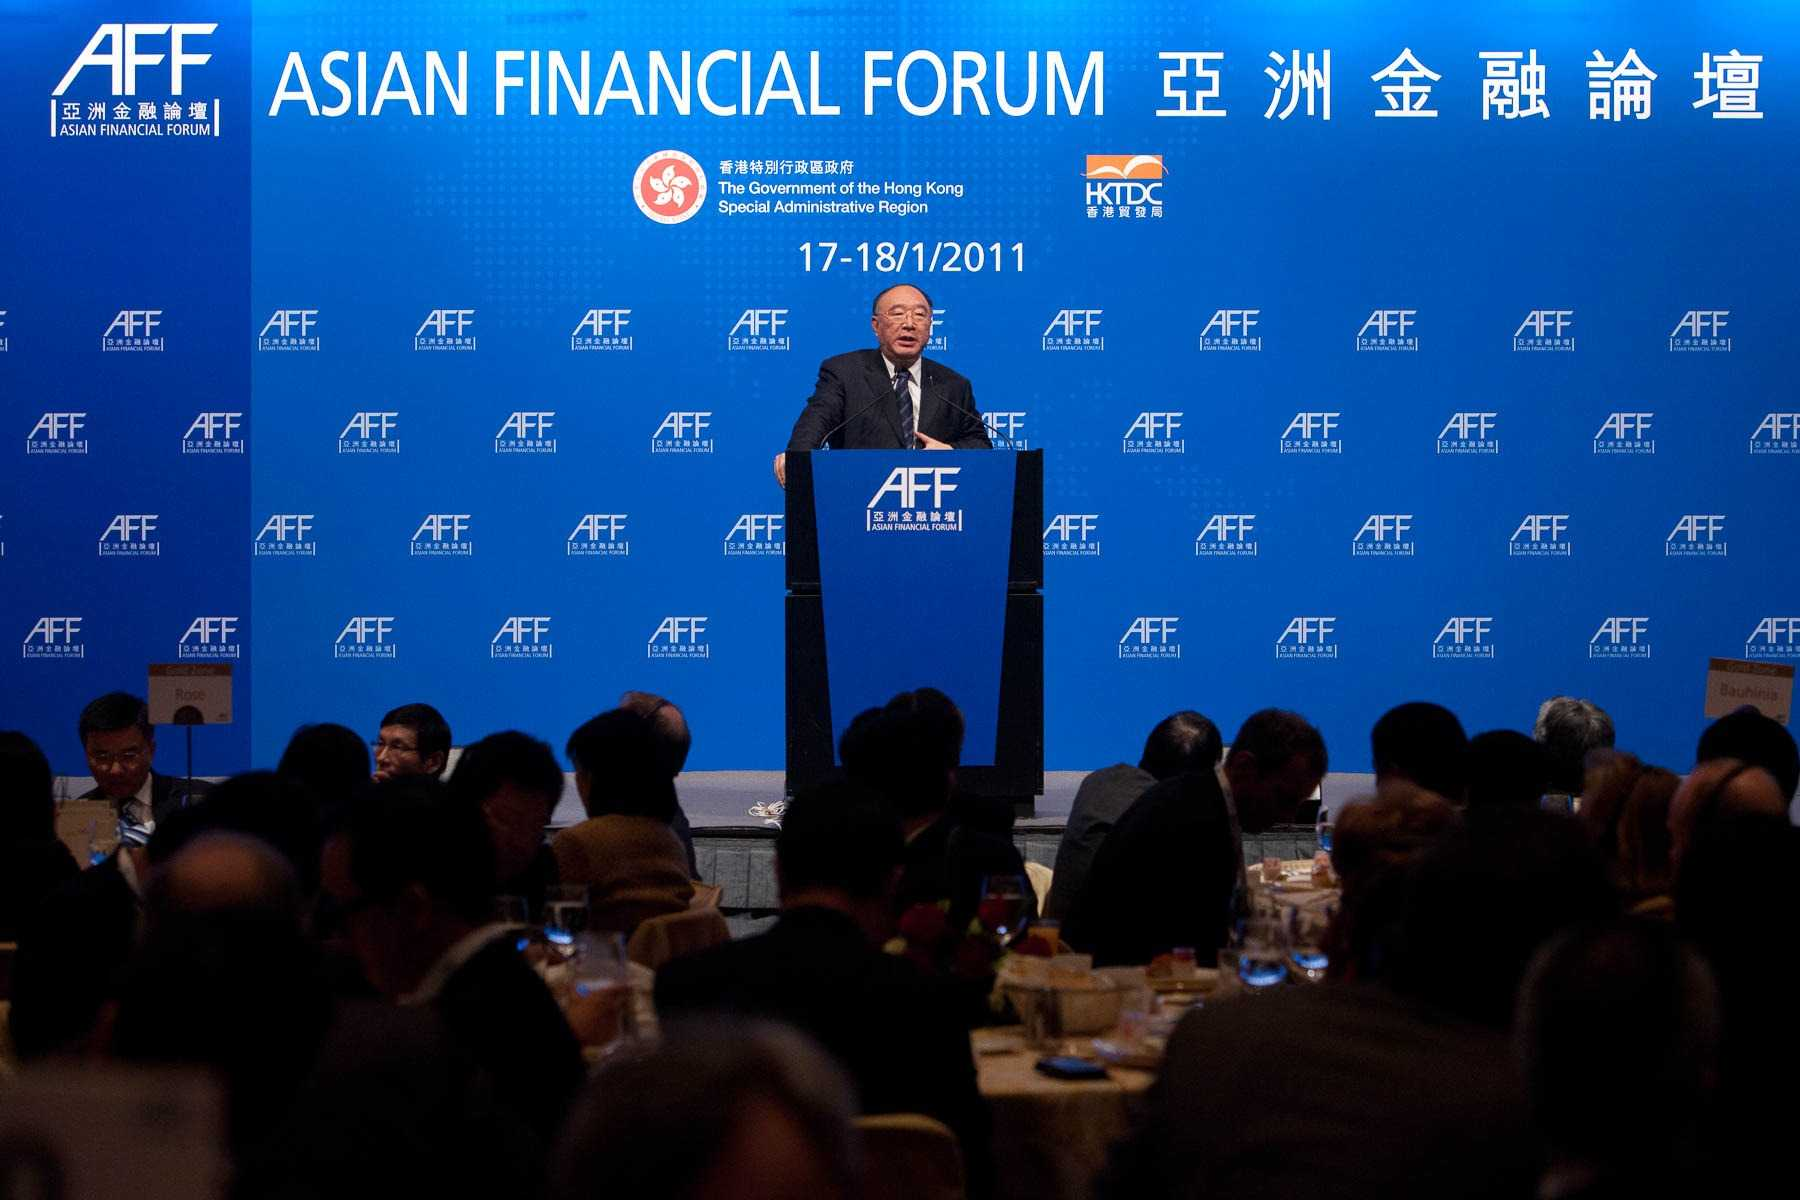 Asian financial Forum Hong Kong